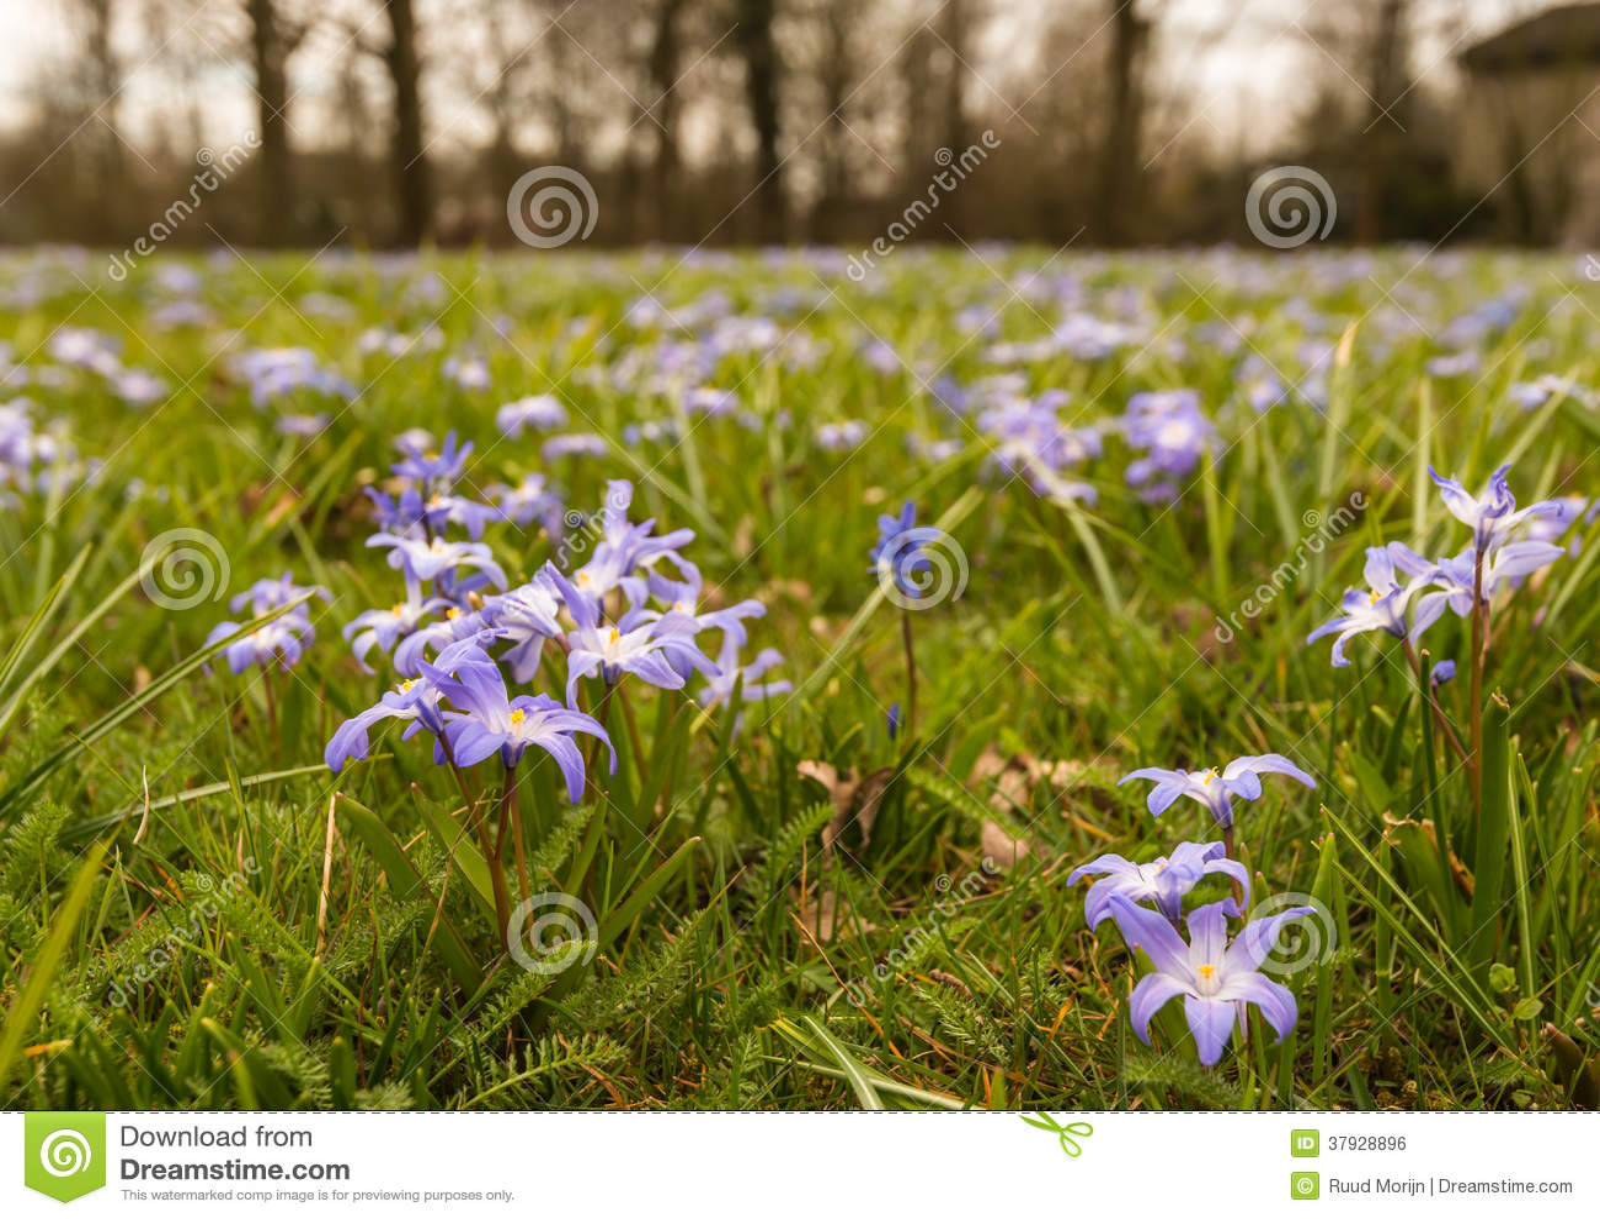 Purple Flowering Scilla Plants Growing Between Grass Stock Photo